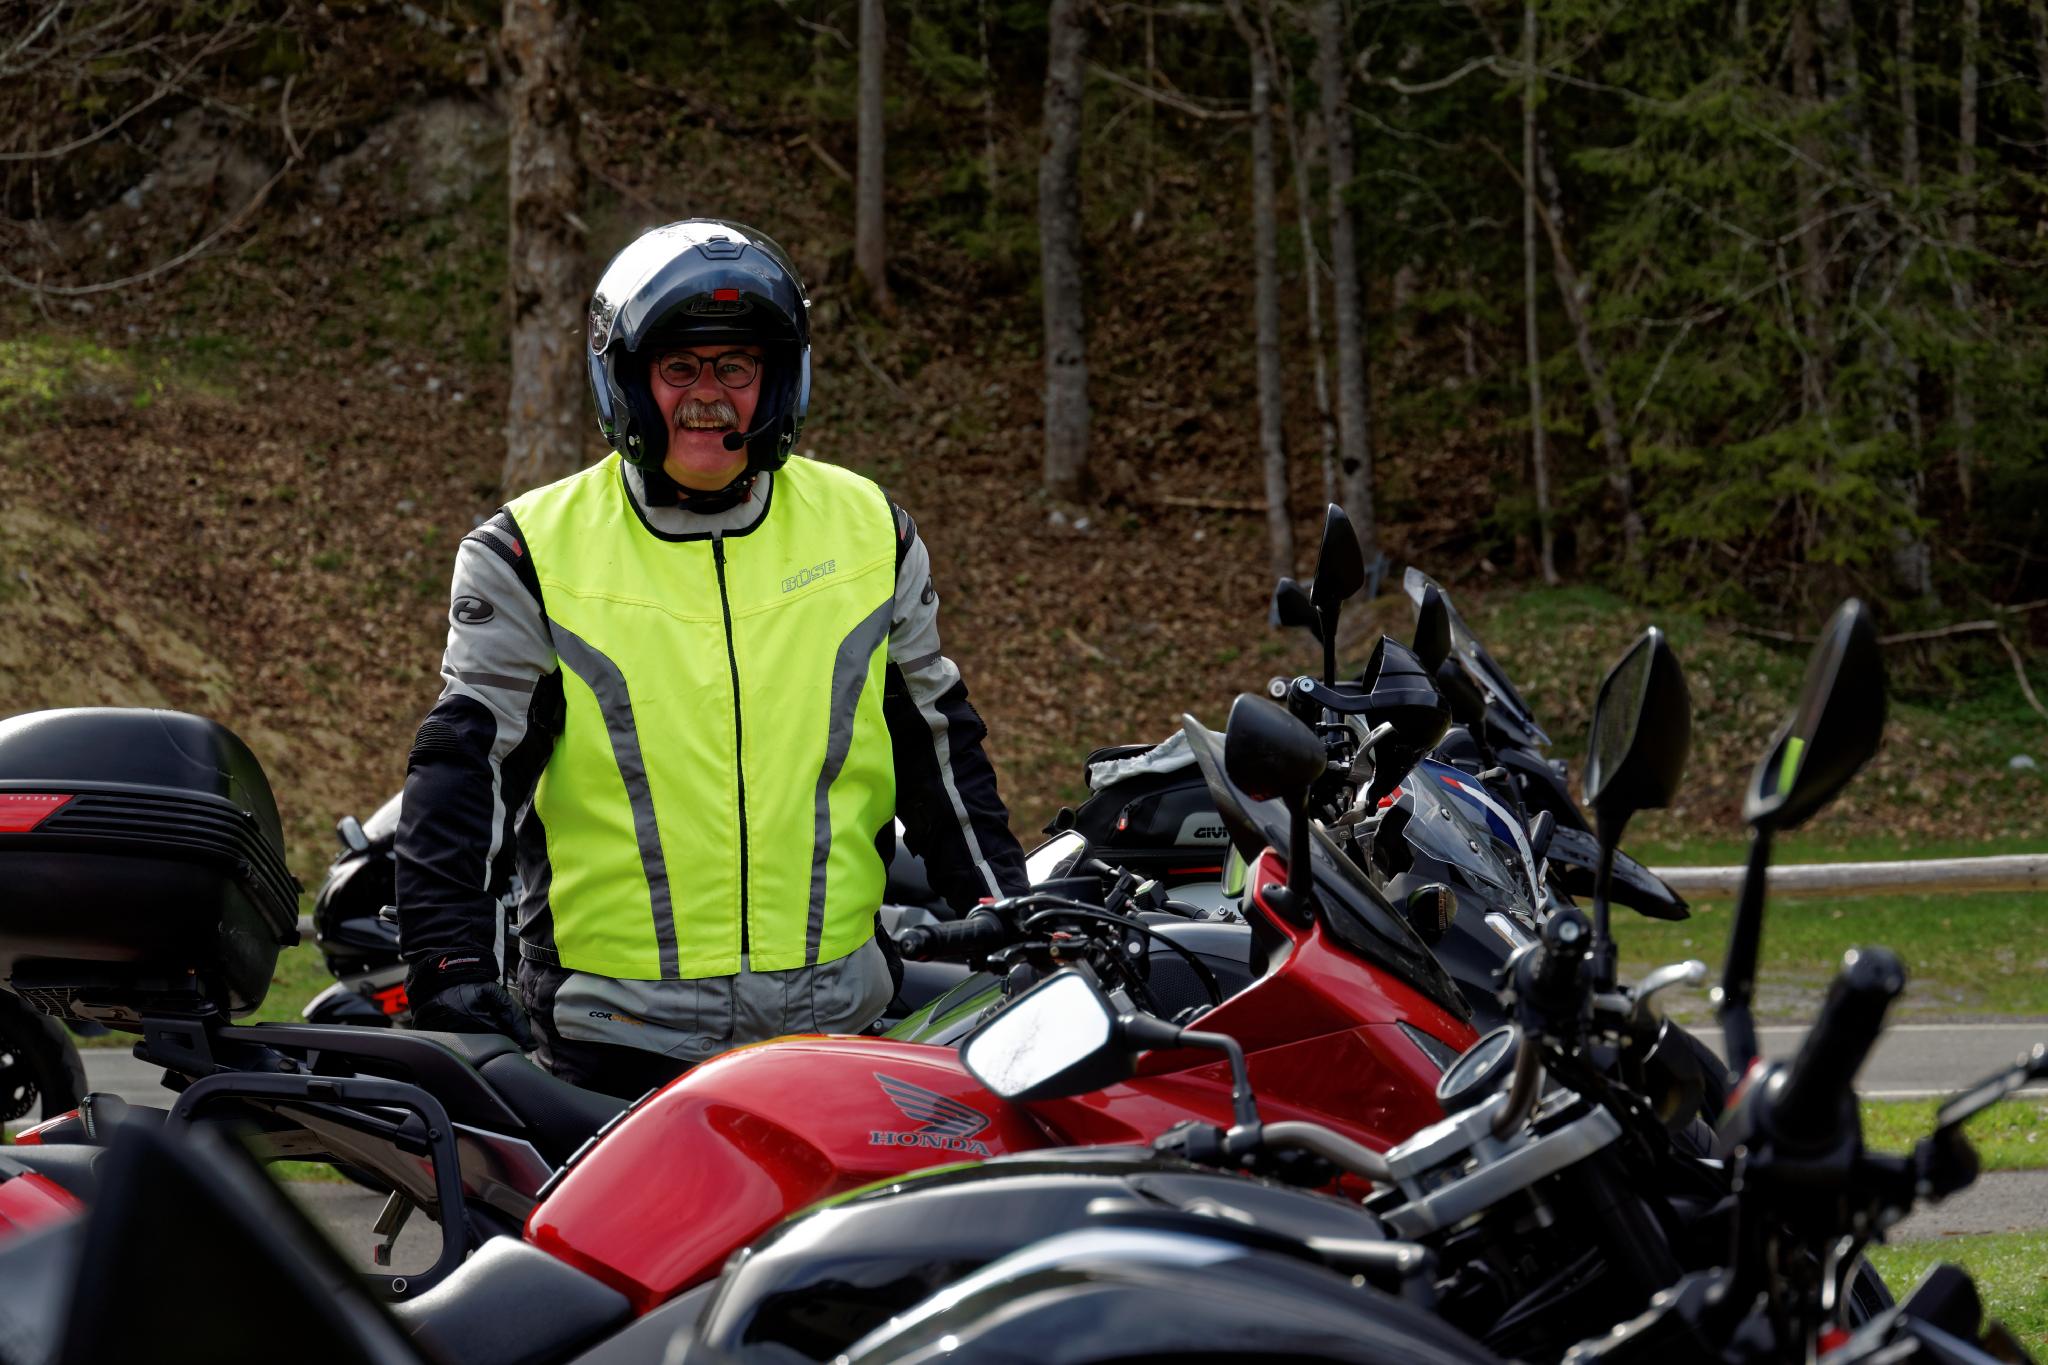 Gute Laune auf Motorradtour